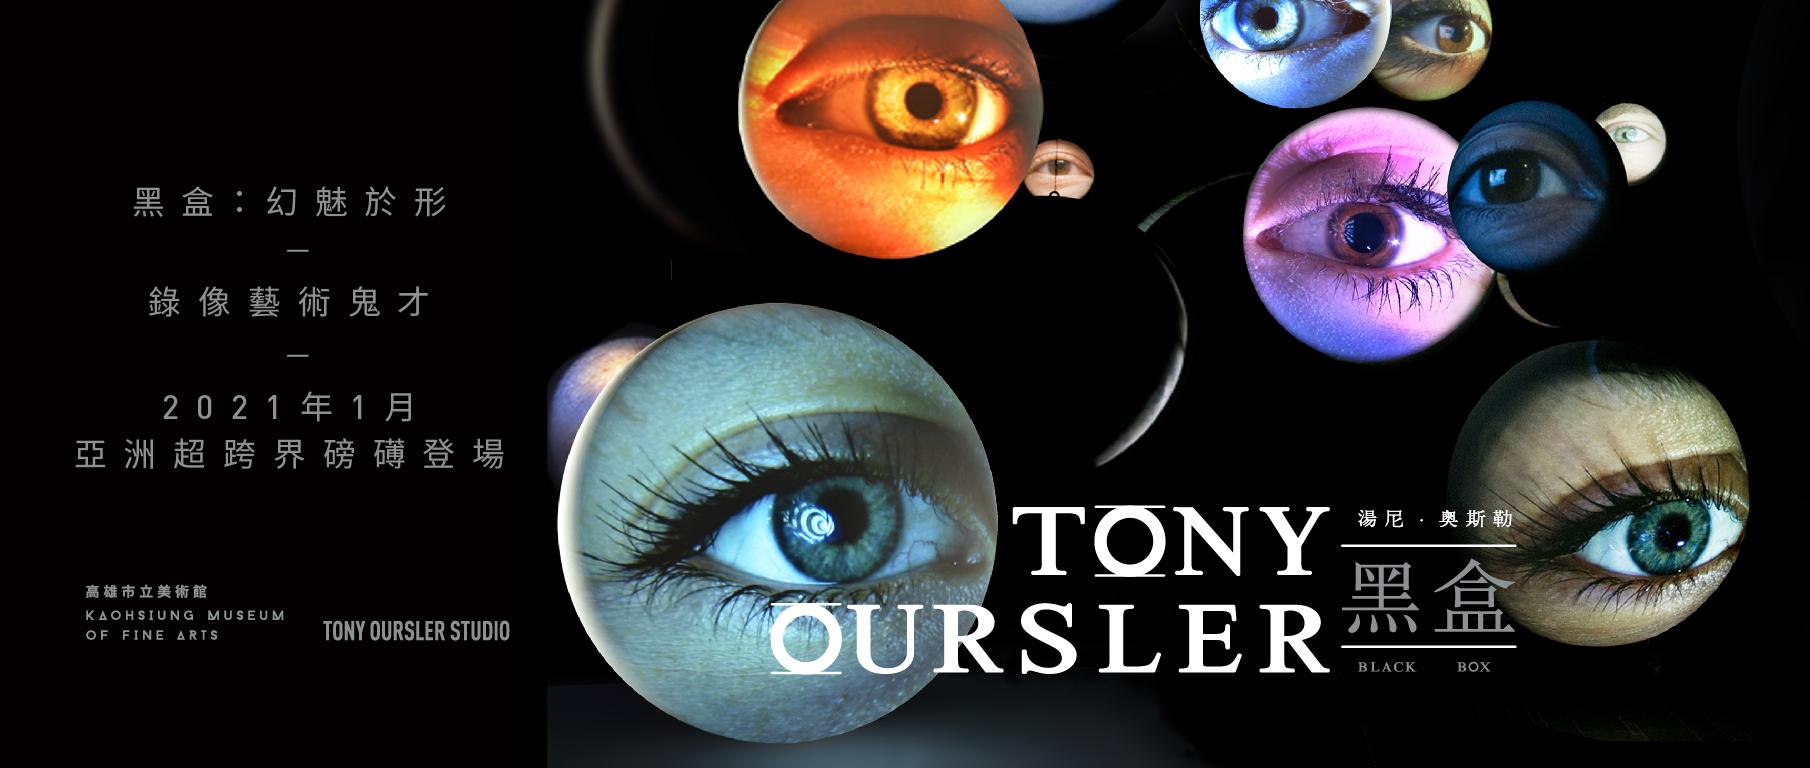 展覽預告│ 黑盒-幻魅於形 : 湯尼·奧斯勒